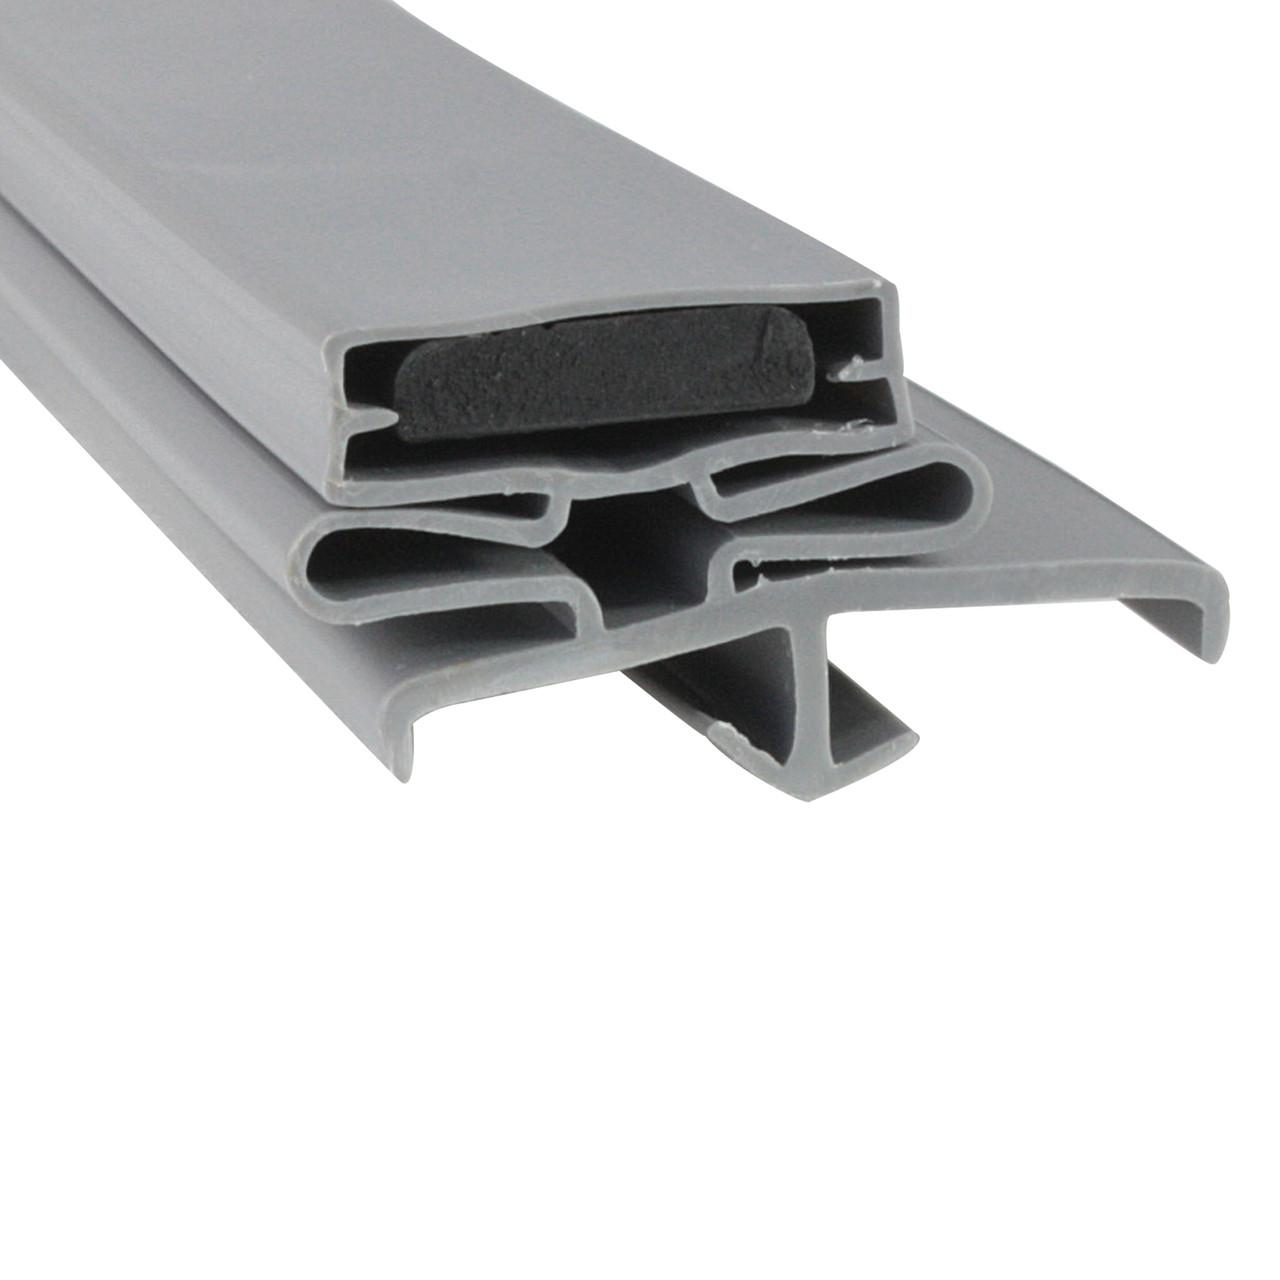 Masterbilt Door Gasket Profile 168 14 1/8 x 20 1/4